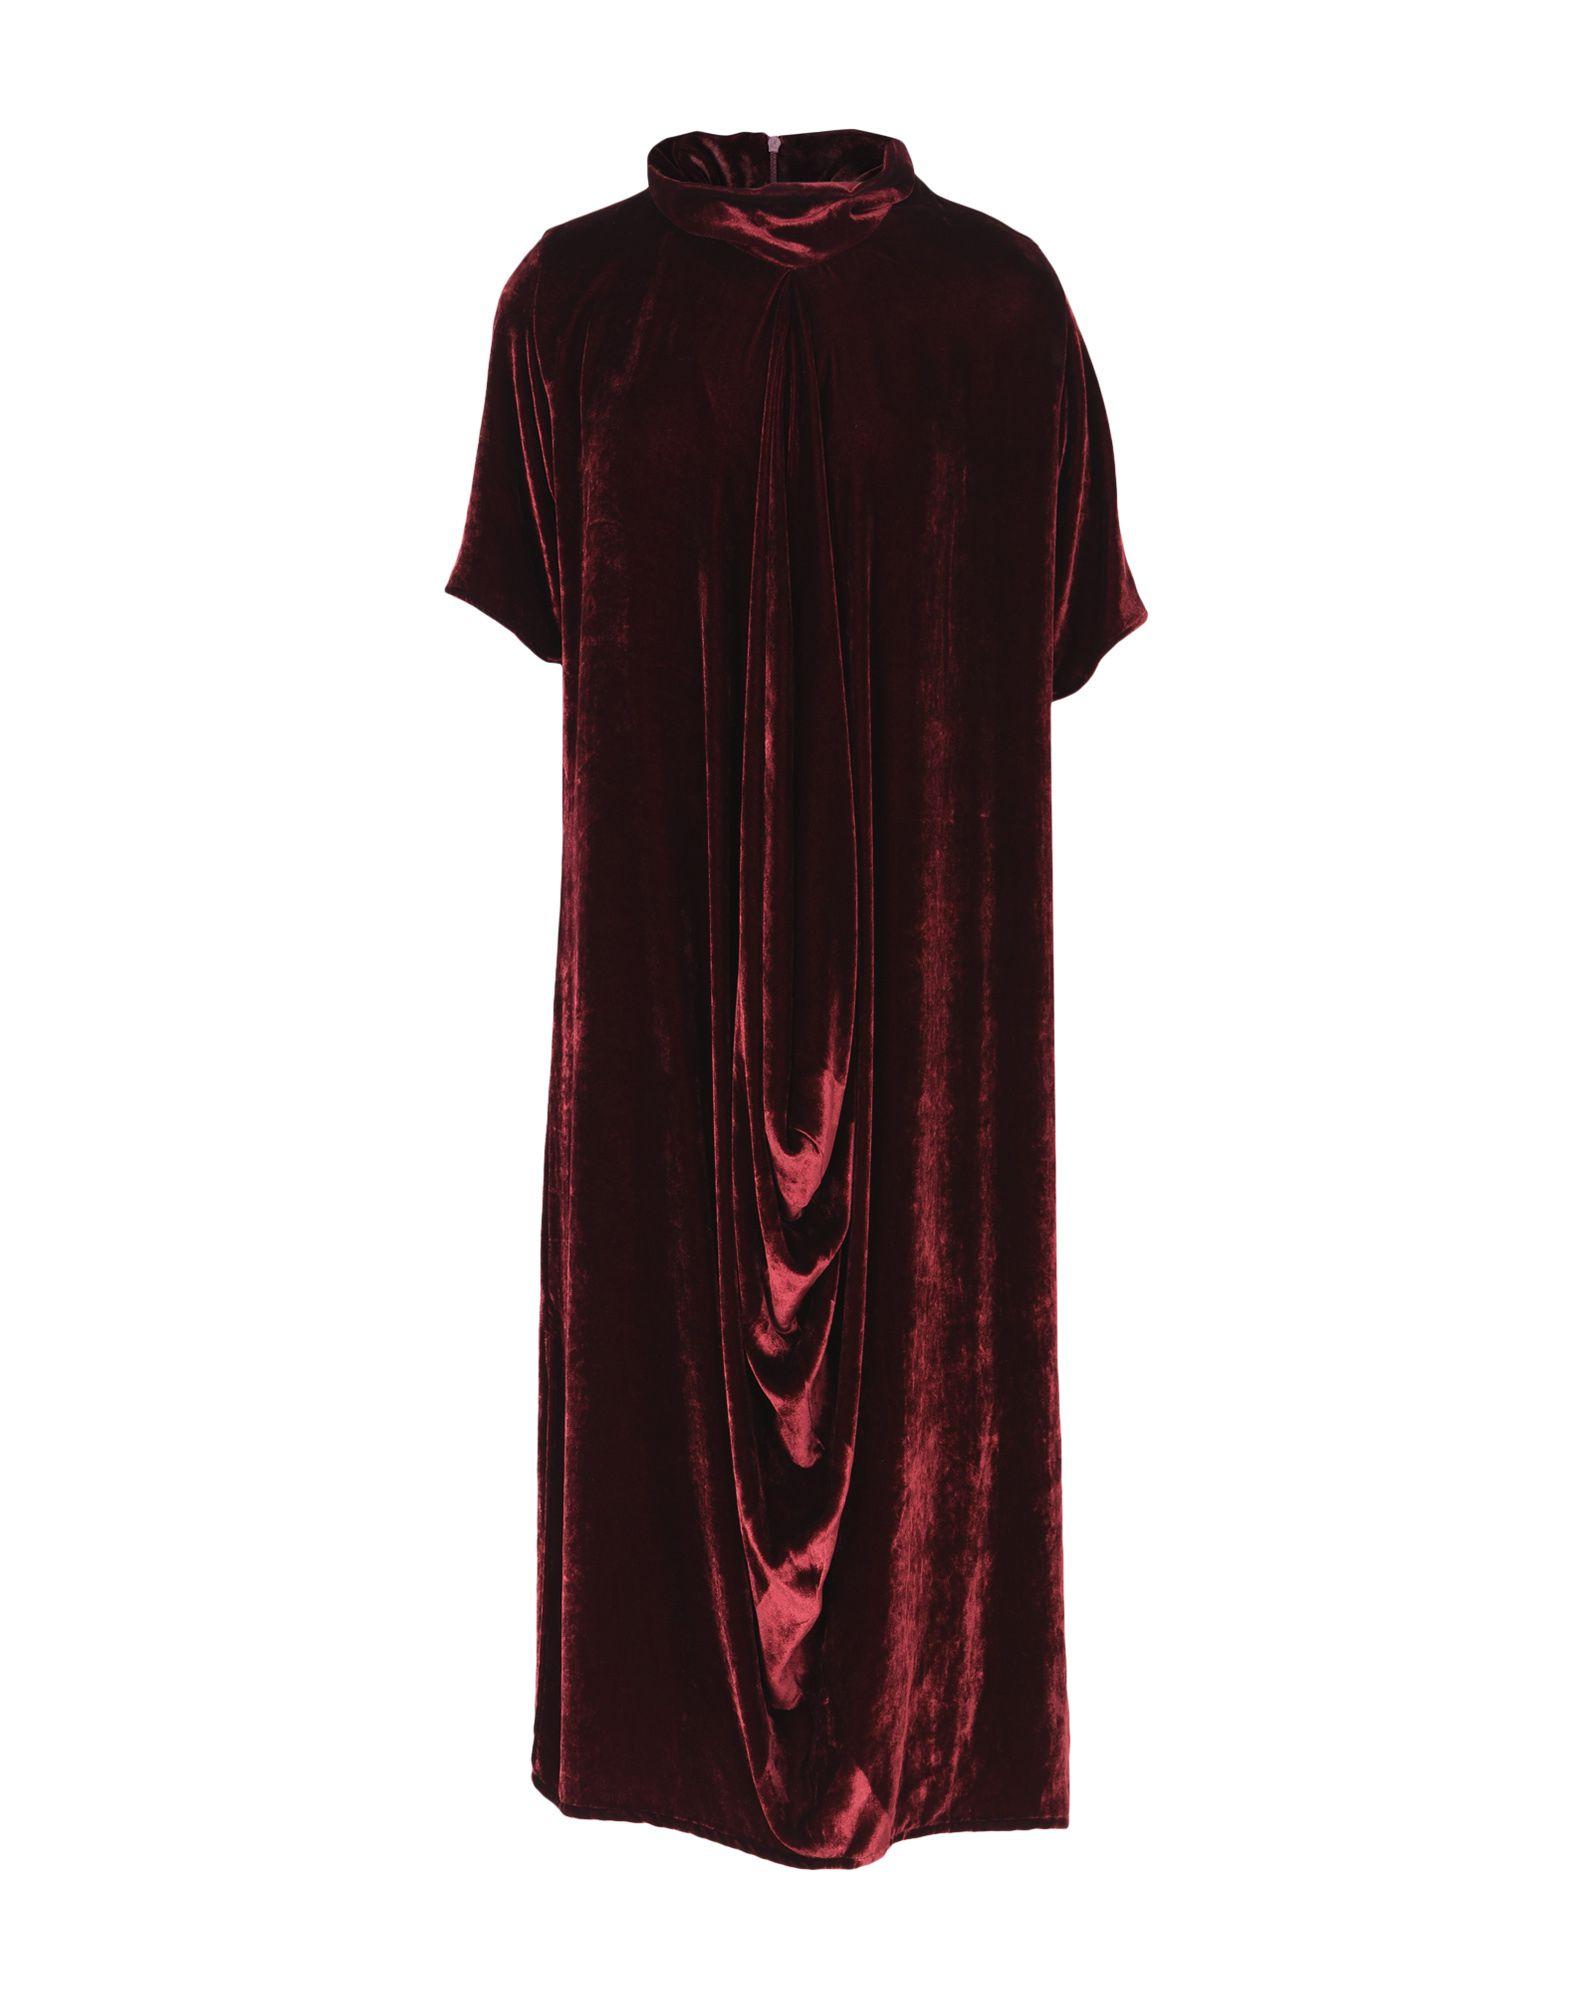 d8f60e1791a2 Vestito Longuette Federica Tosi Donna - Acquista online su YOOX - 34838918NK